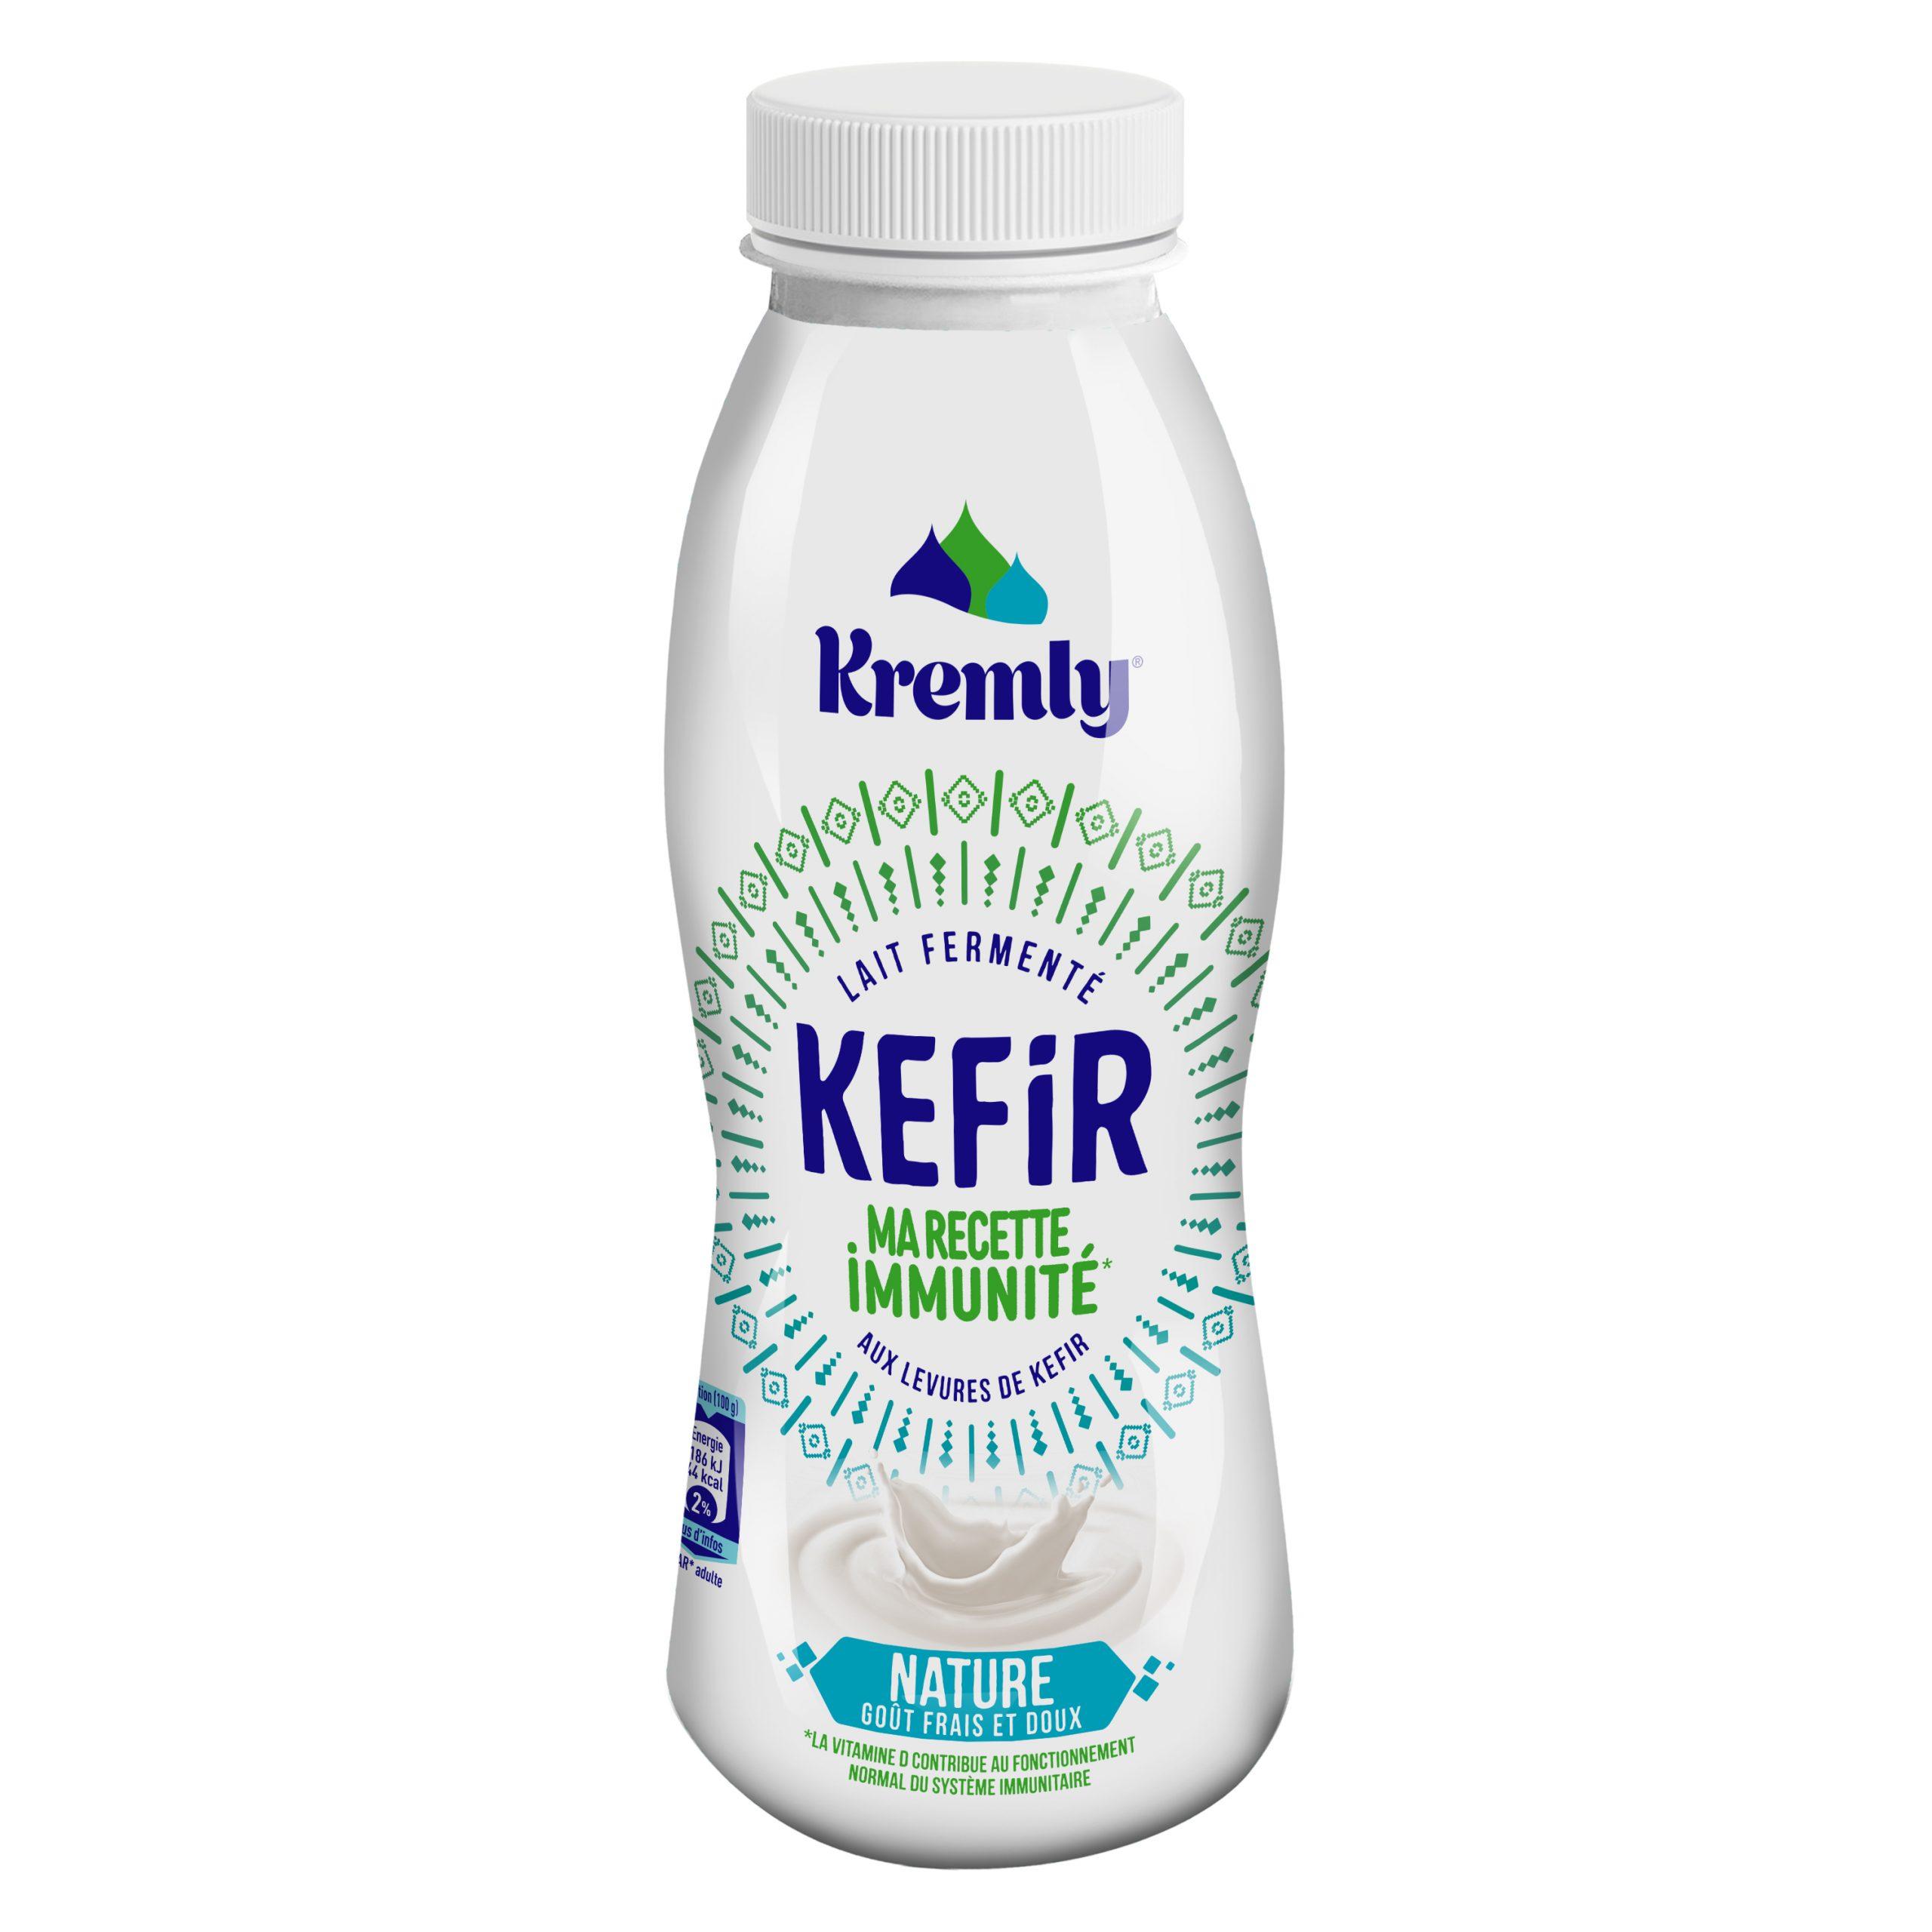 KEFIR KREMLY 500ml scaled - Le kéfir, une tradition millénaire plus que vivante